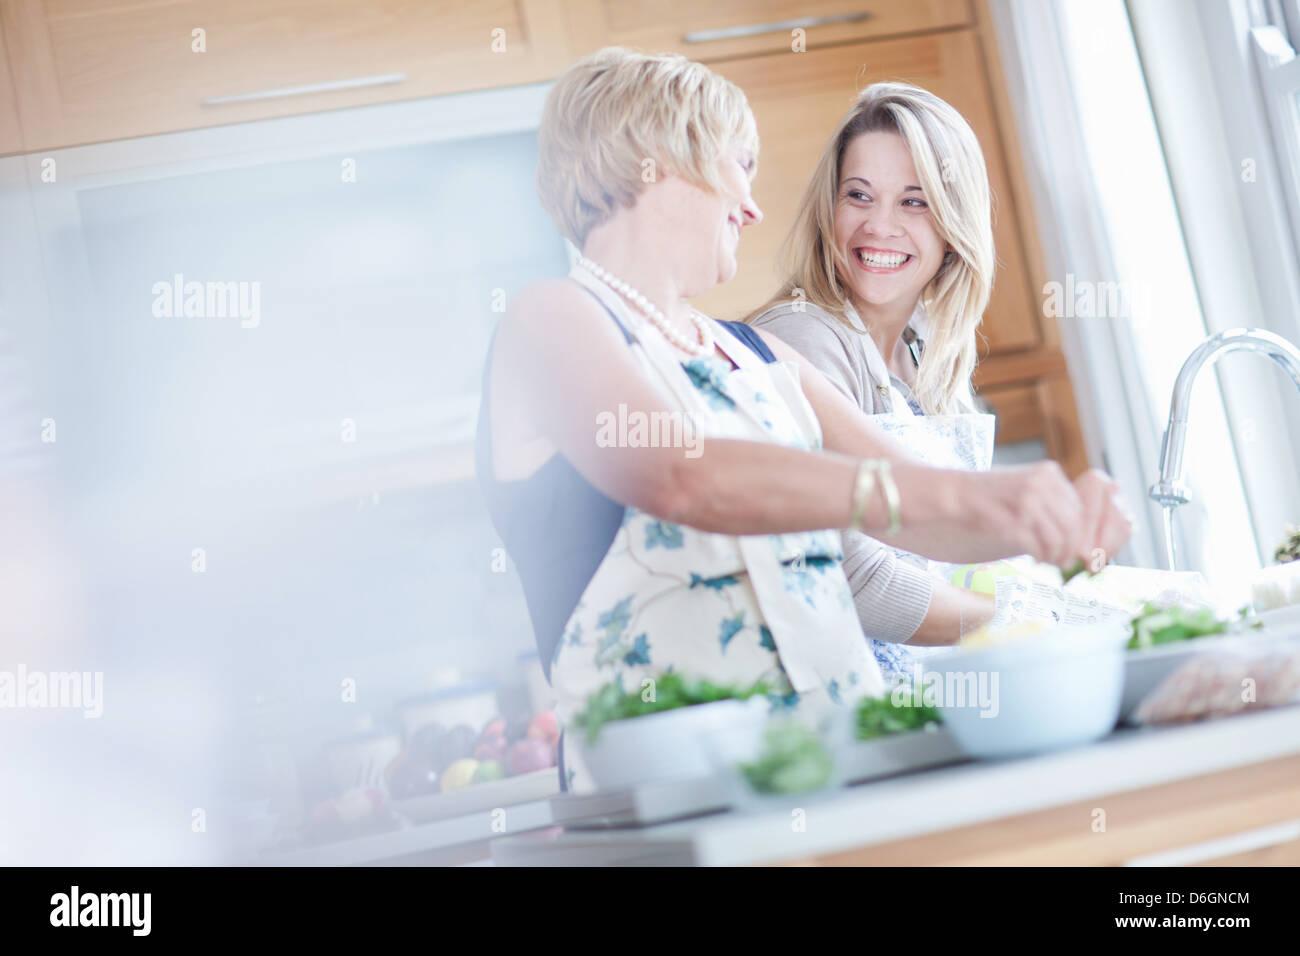 Madre e hija cocinar en la cocina Imagen De Stock